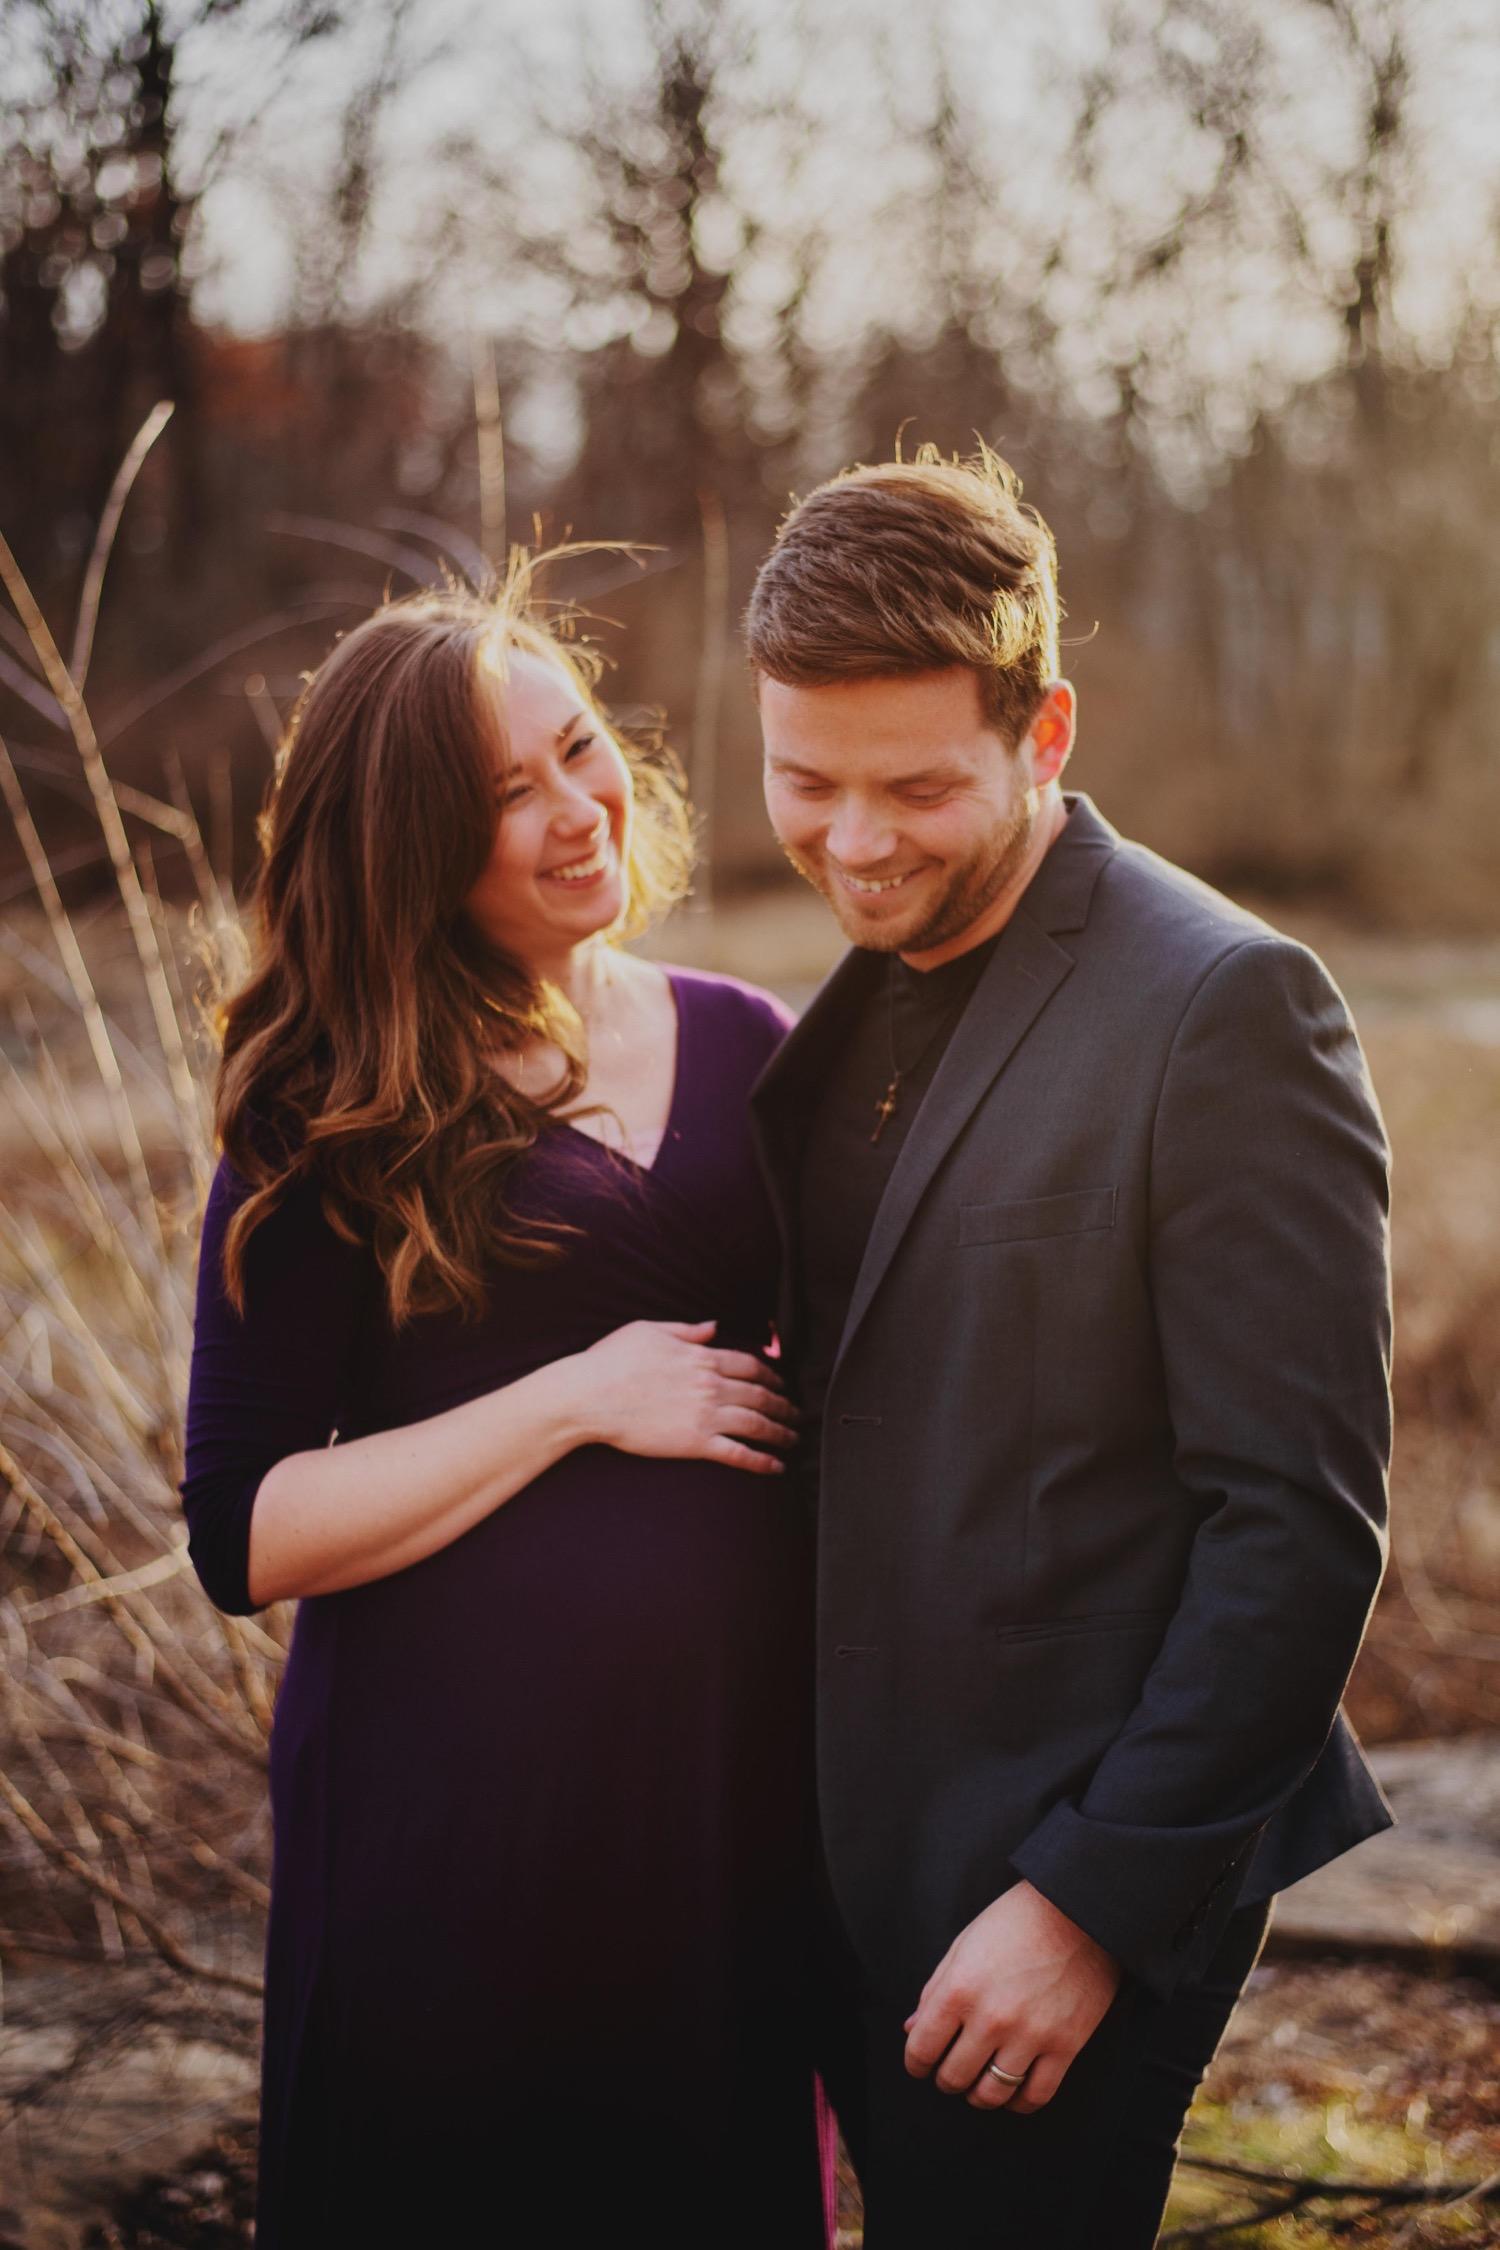 04_Gardner-Churchill-Woods-Maternity_0034_Churchillwoods_maternity_maternityphotography_maternitysession.jpg